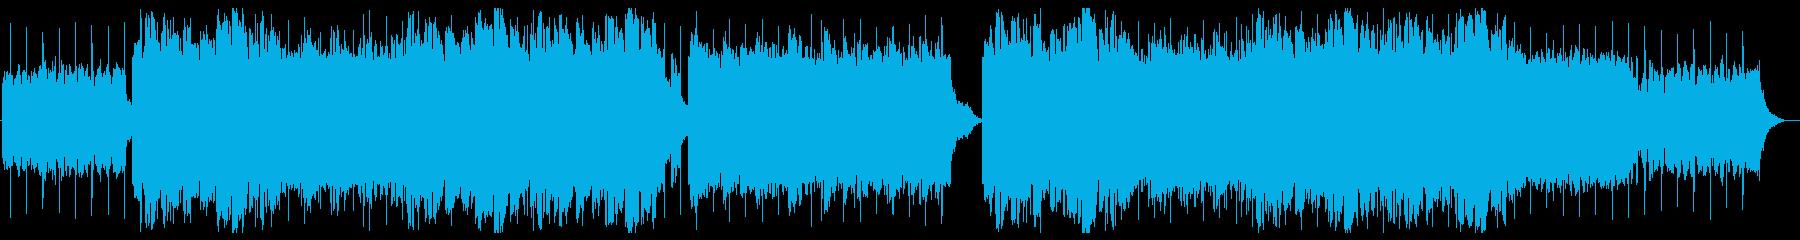 落ち着いたLofi BGM の再生済みの波形